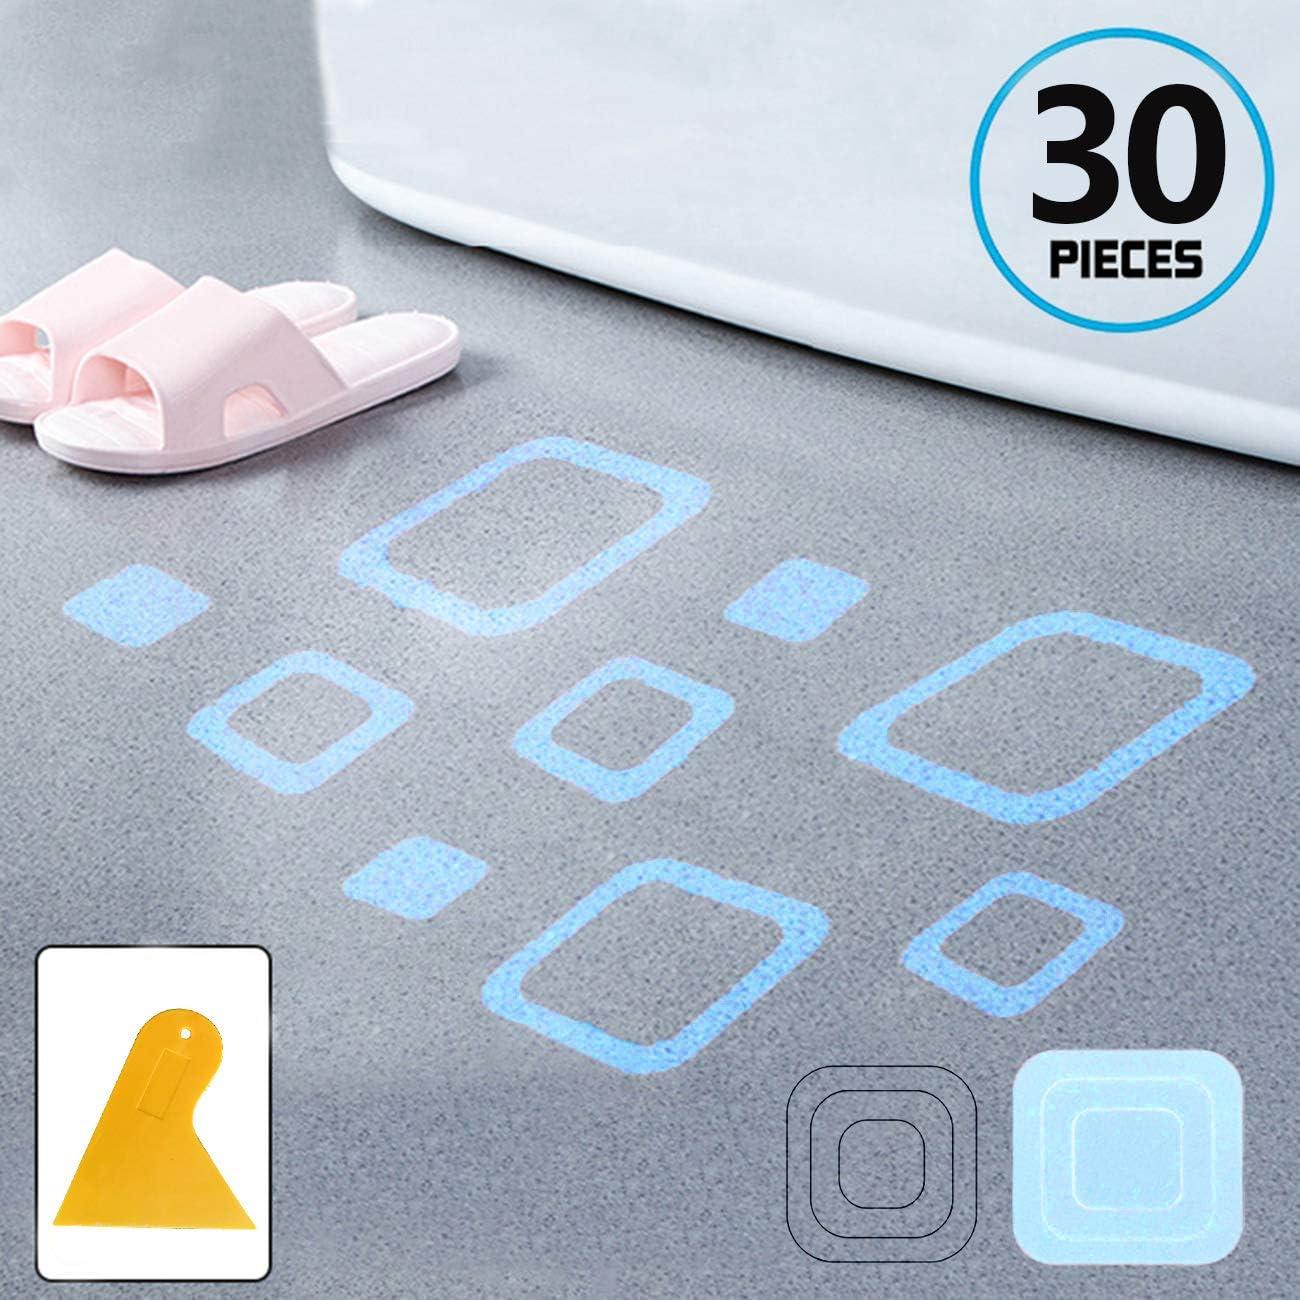 GGCACINO - Pegatinas Antideslizantes para mamparas de Ducha, 30 Unidades, Tiras Adhesivas Antideslizantes para bañera, Ducha, escalones, Cinta: Amazon.es: Hogar